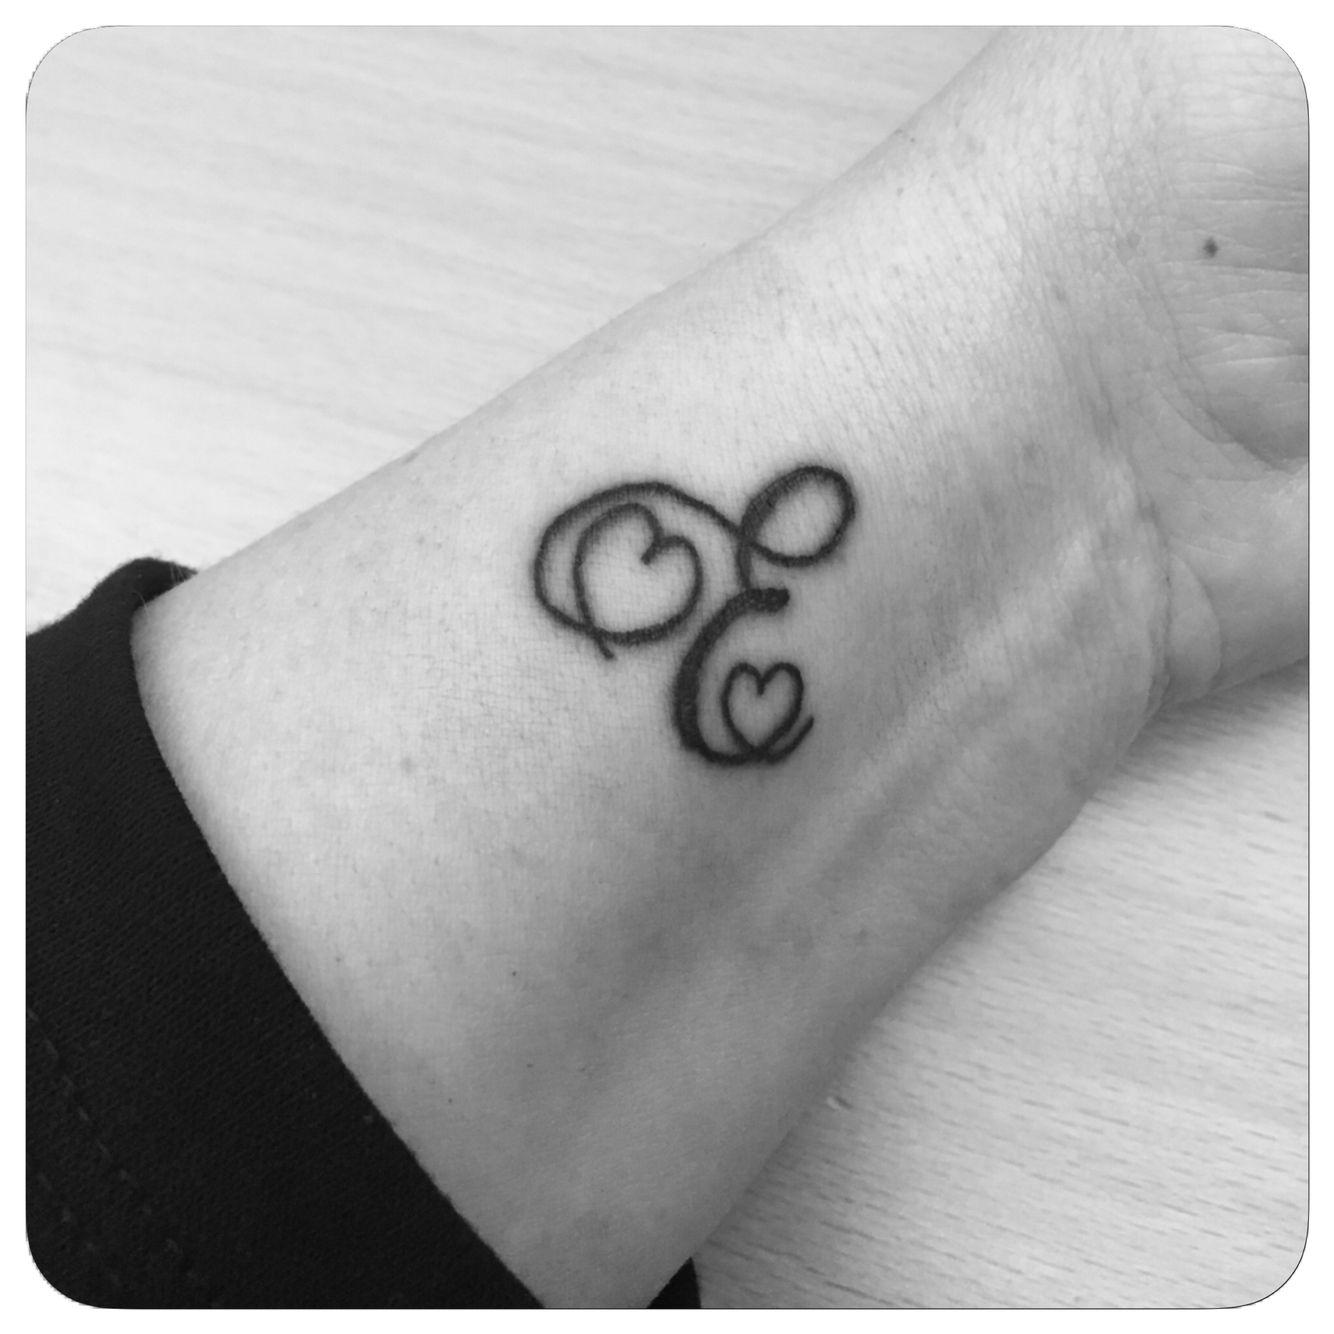 E letter tattoo, heart tattoo, mother's tattoo. Tattoo